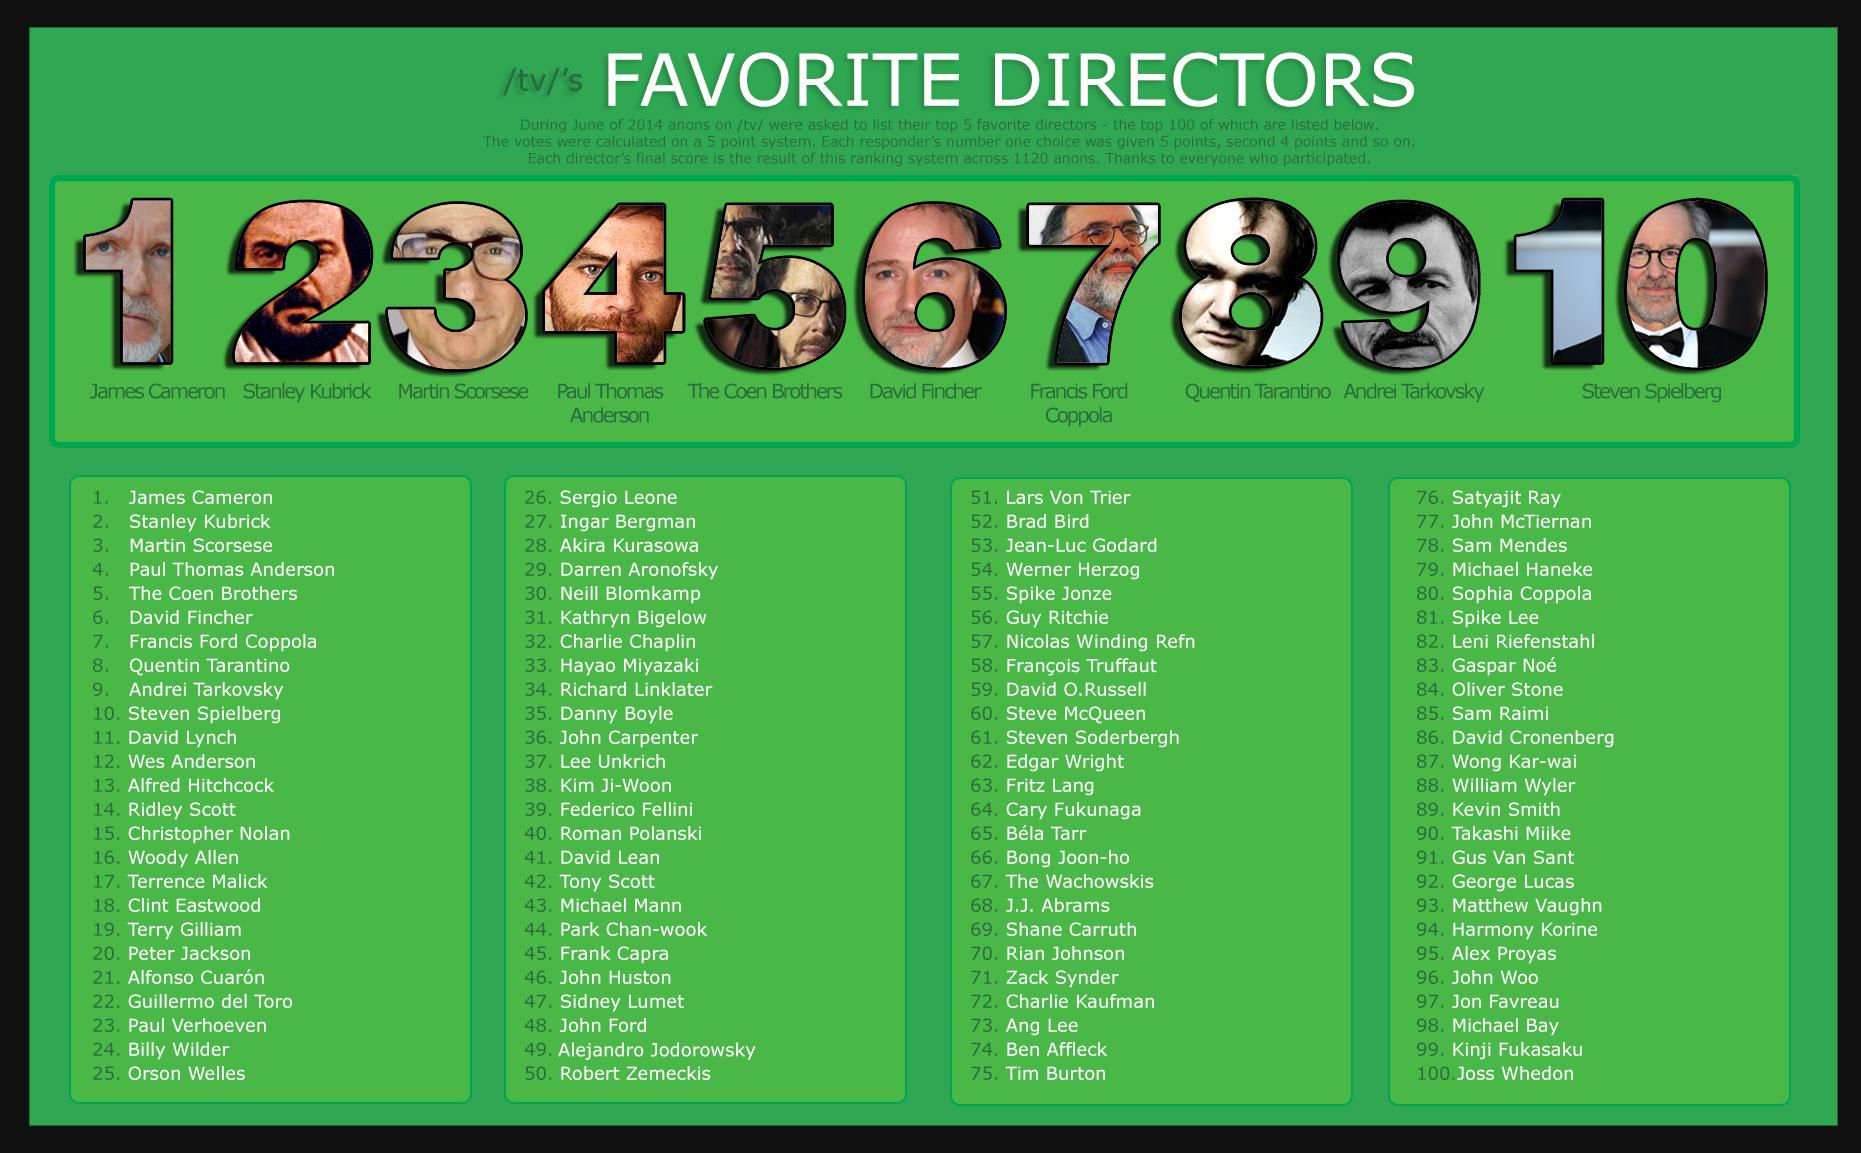 tv/'s Favorite Directors | /tv/ Wiki | FANDOM powered by Wikia